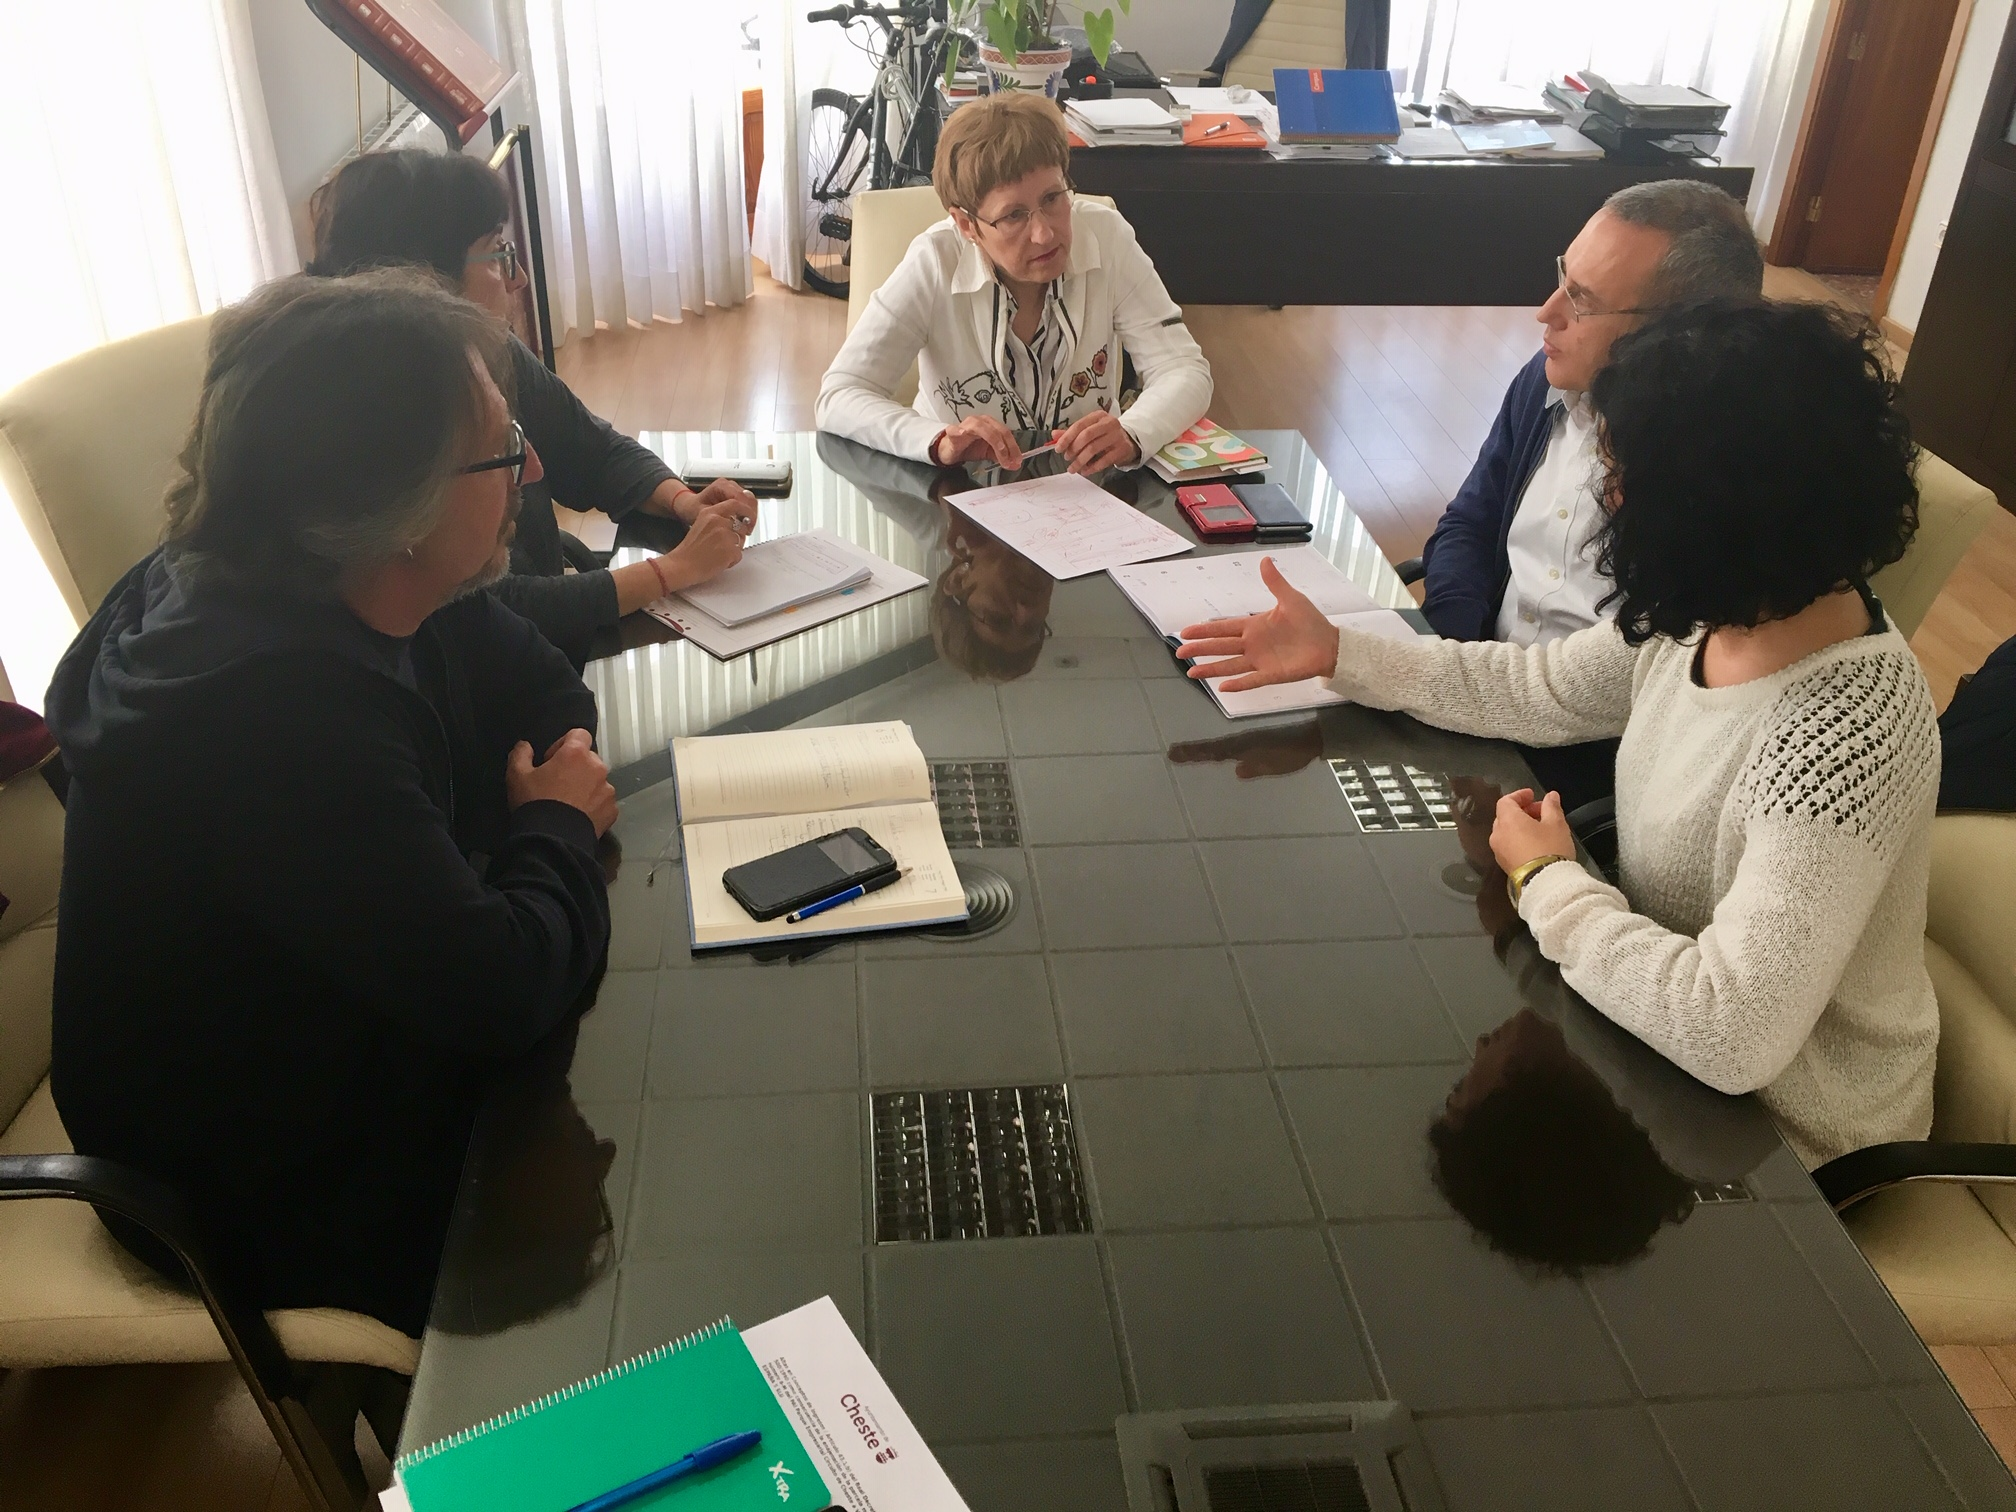 Reunión de la delegación de Cheste con la concejala Mª Ángeles Llorente.